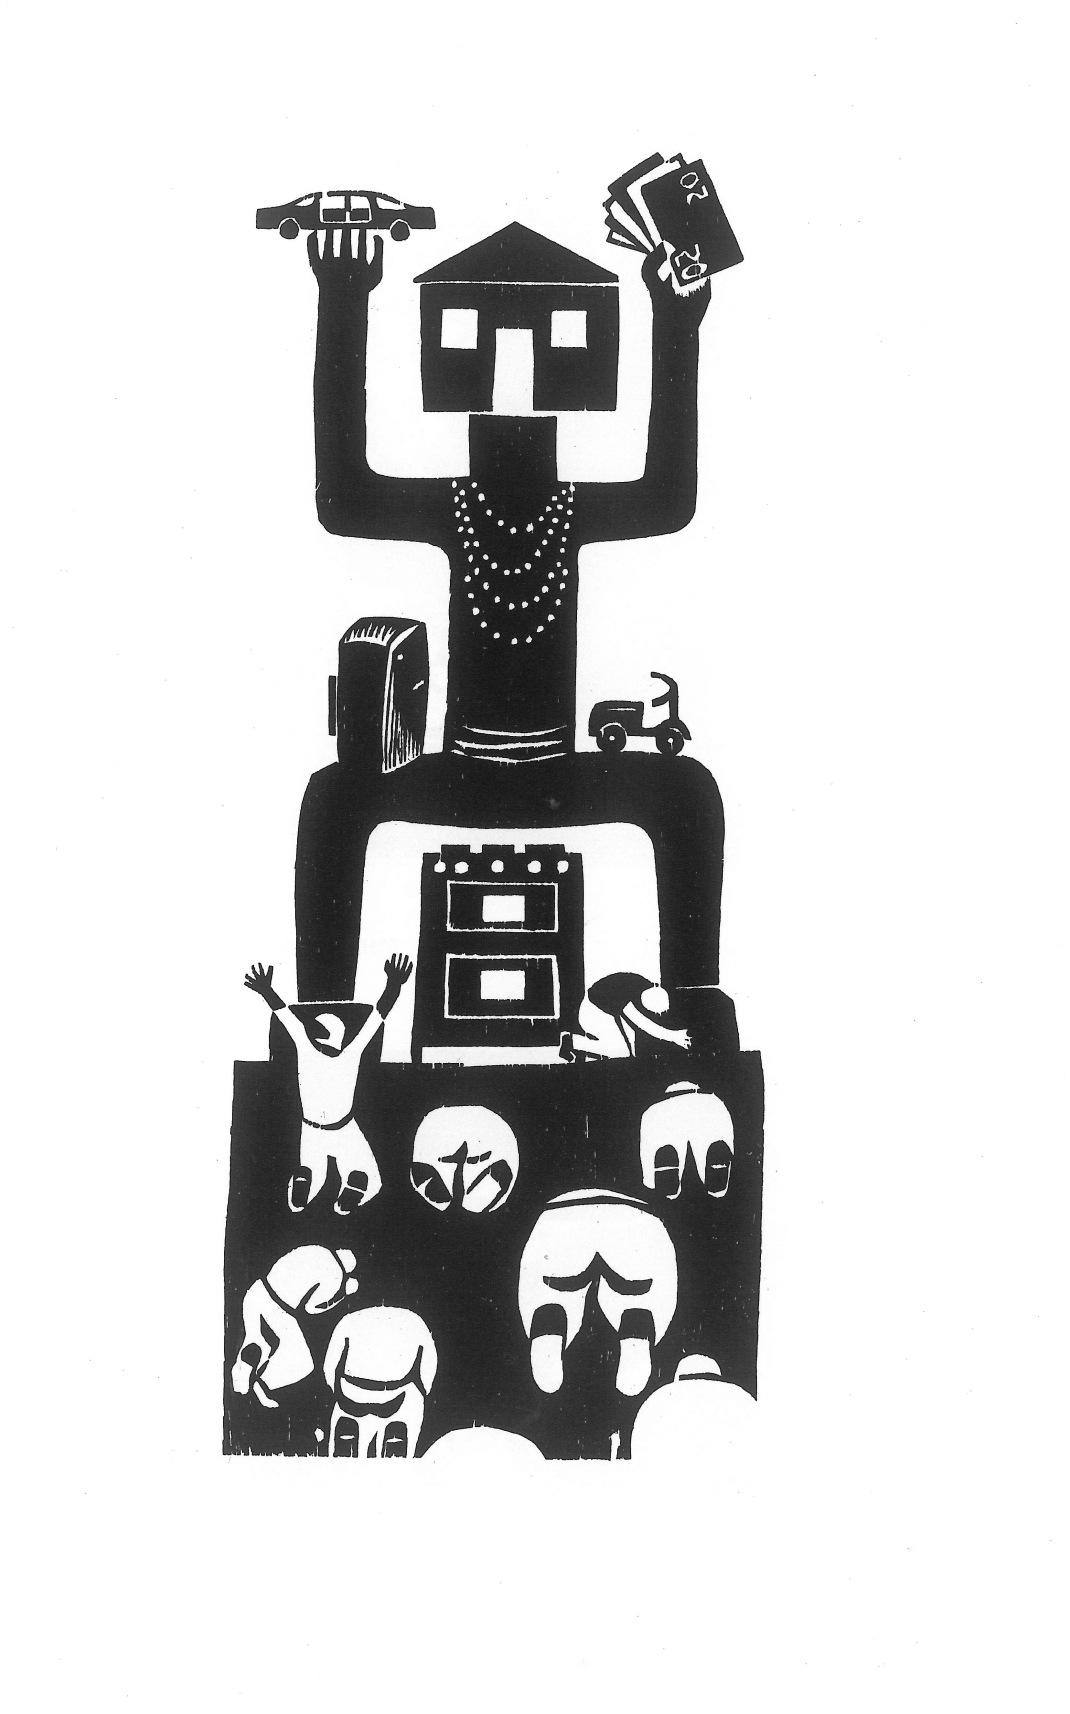 משה הופמן, סגידה, 1966, חיתוך עץ, Moshe Hoffman, Worship, 1966, woodcut